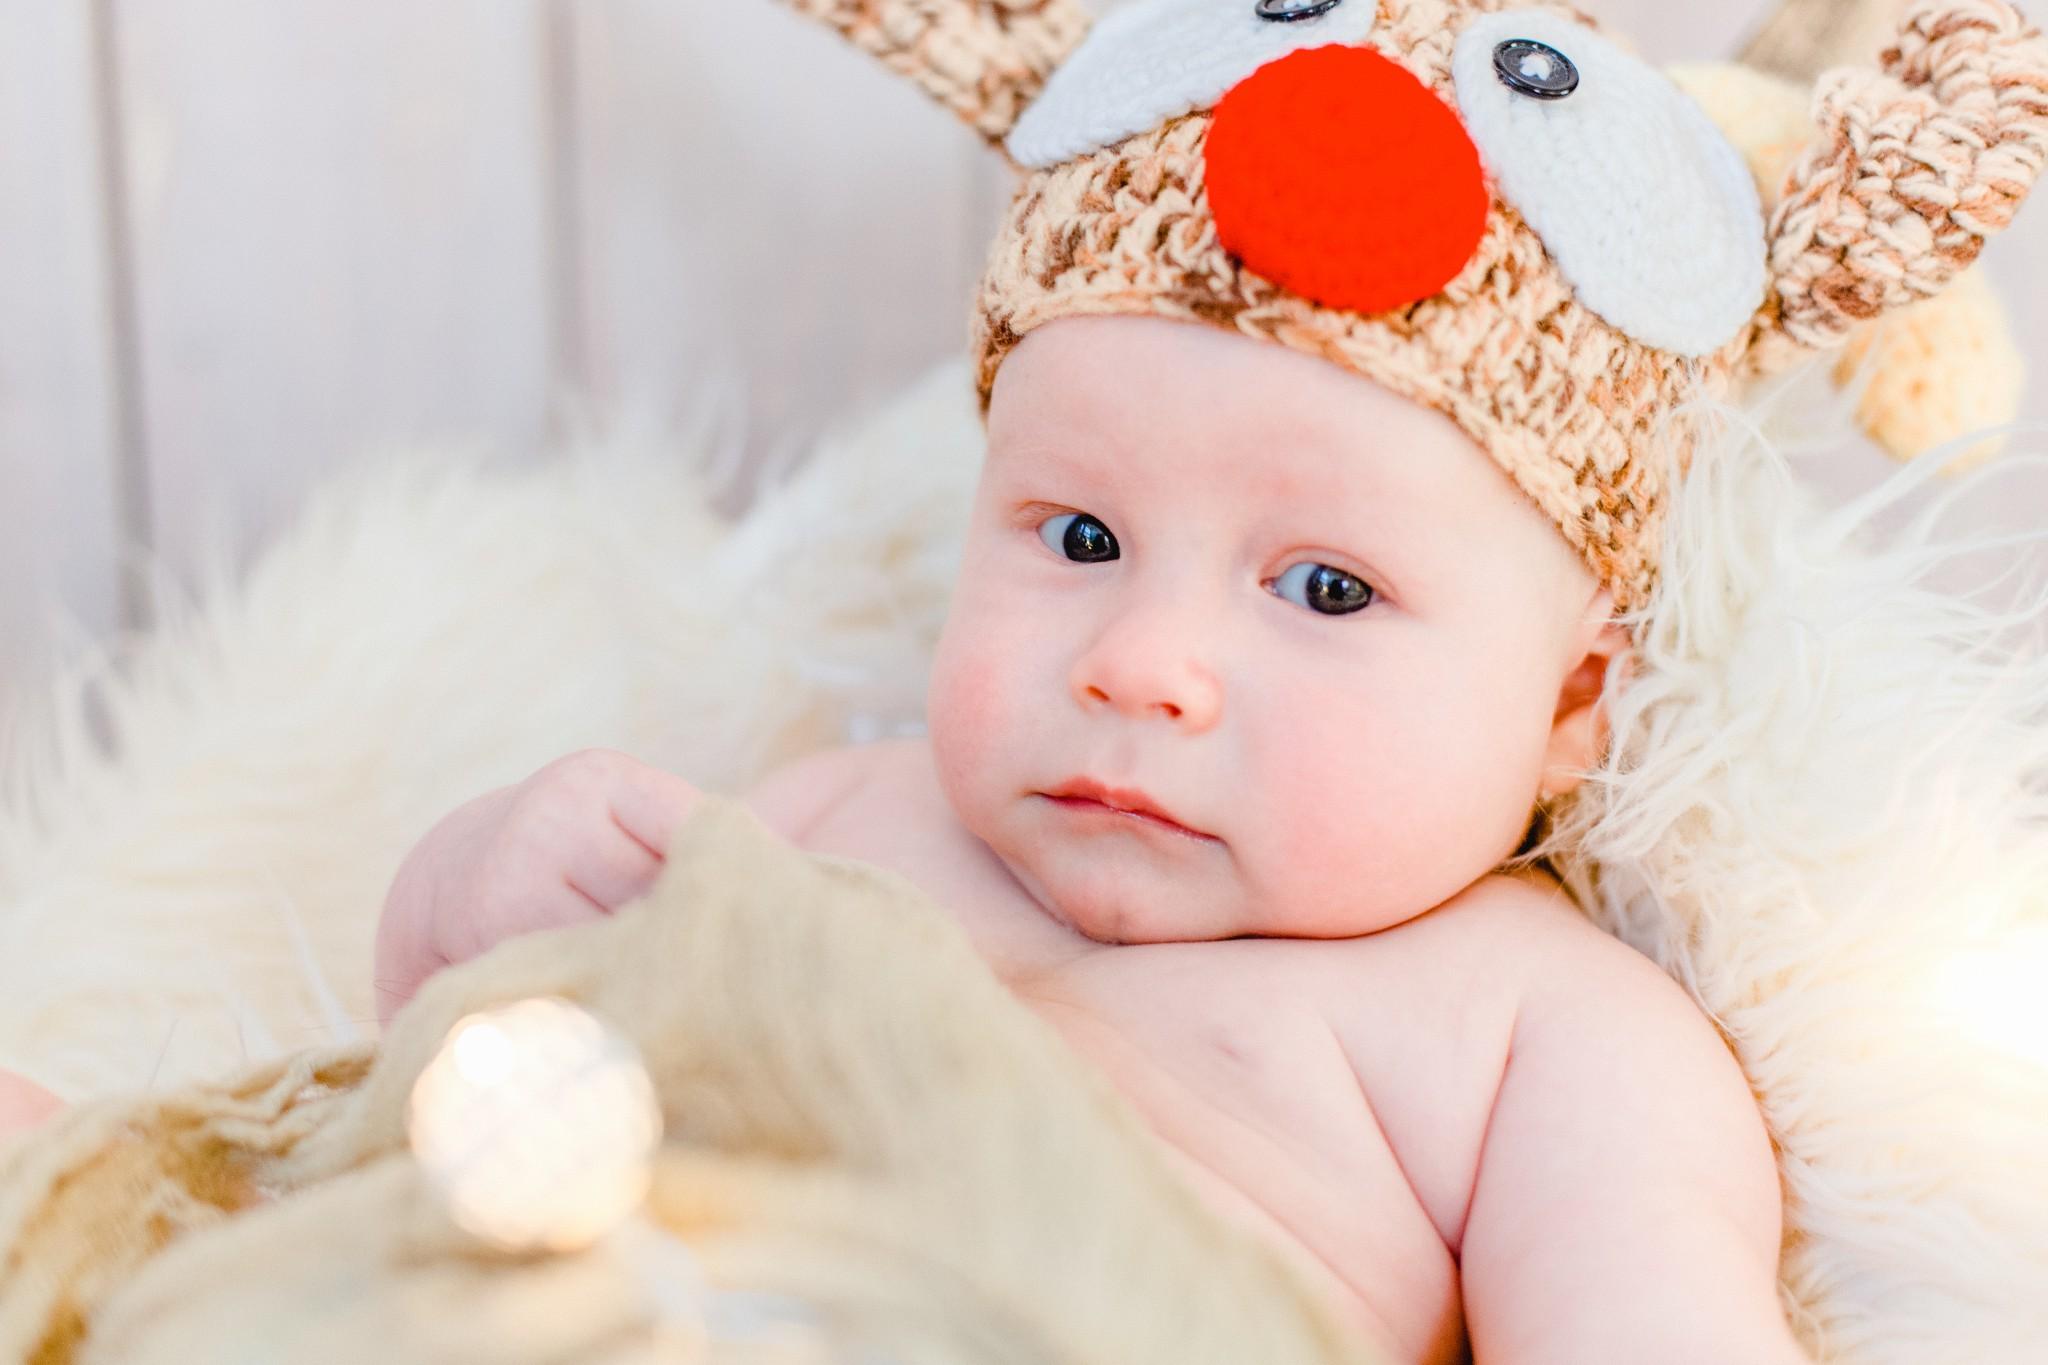 weihnachtsliches Babyfoto